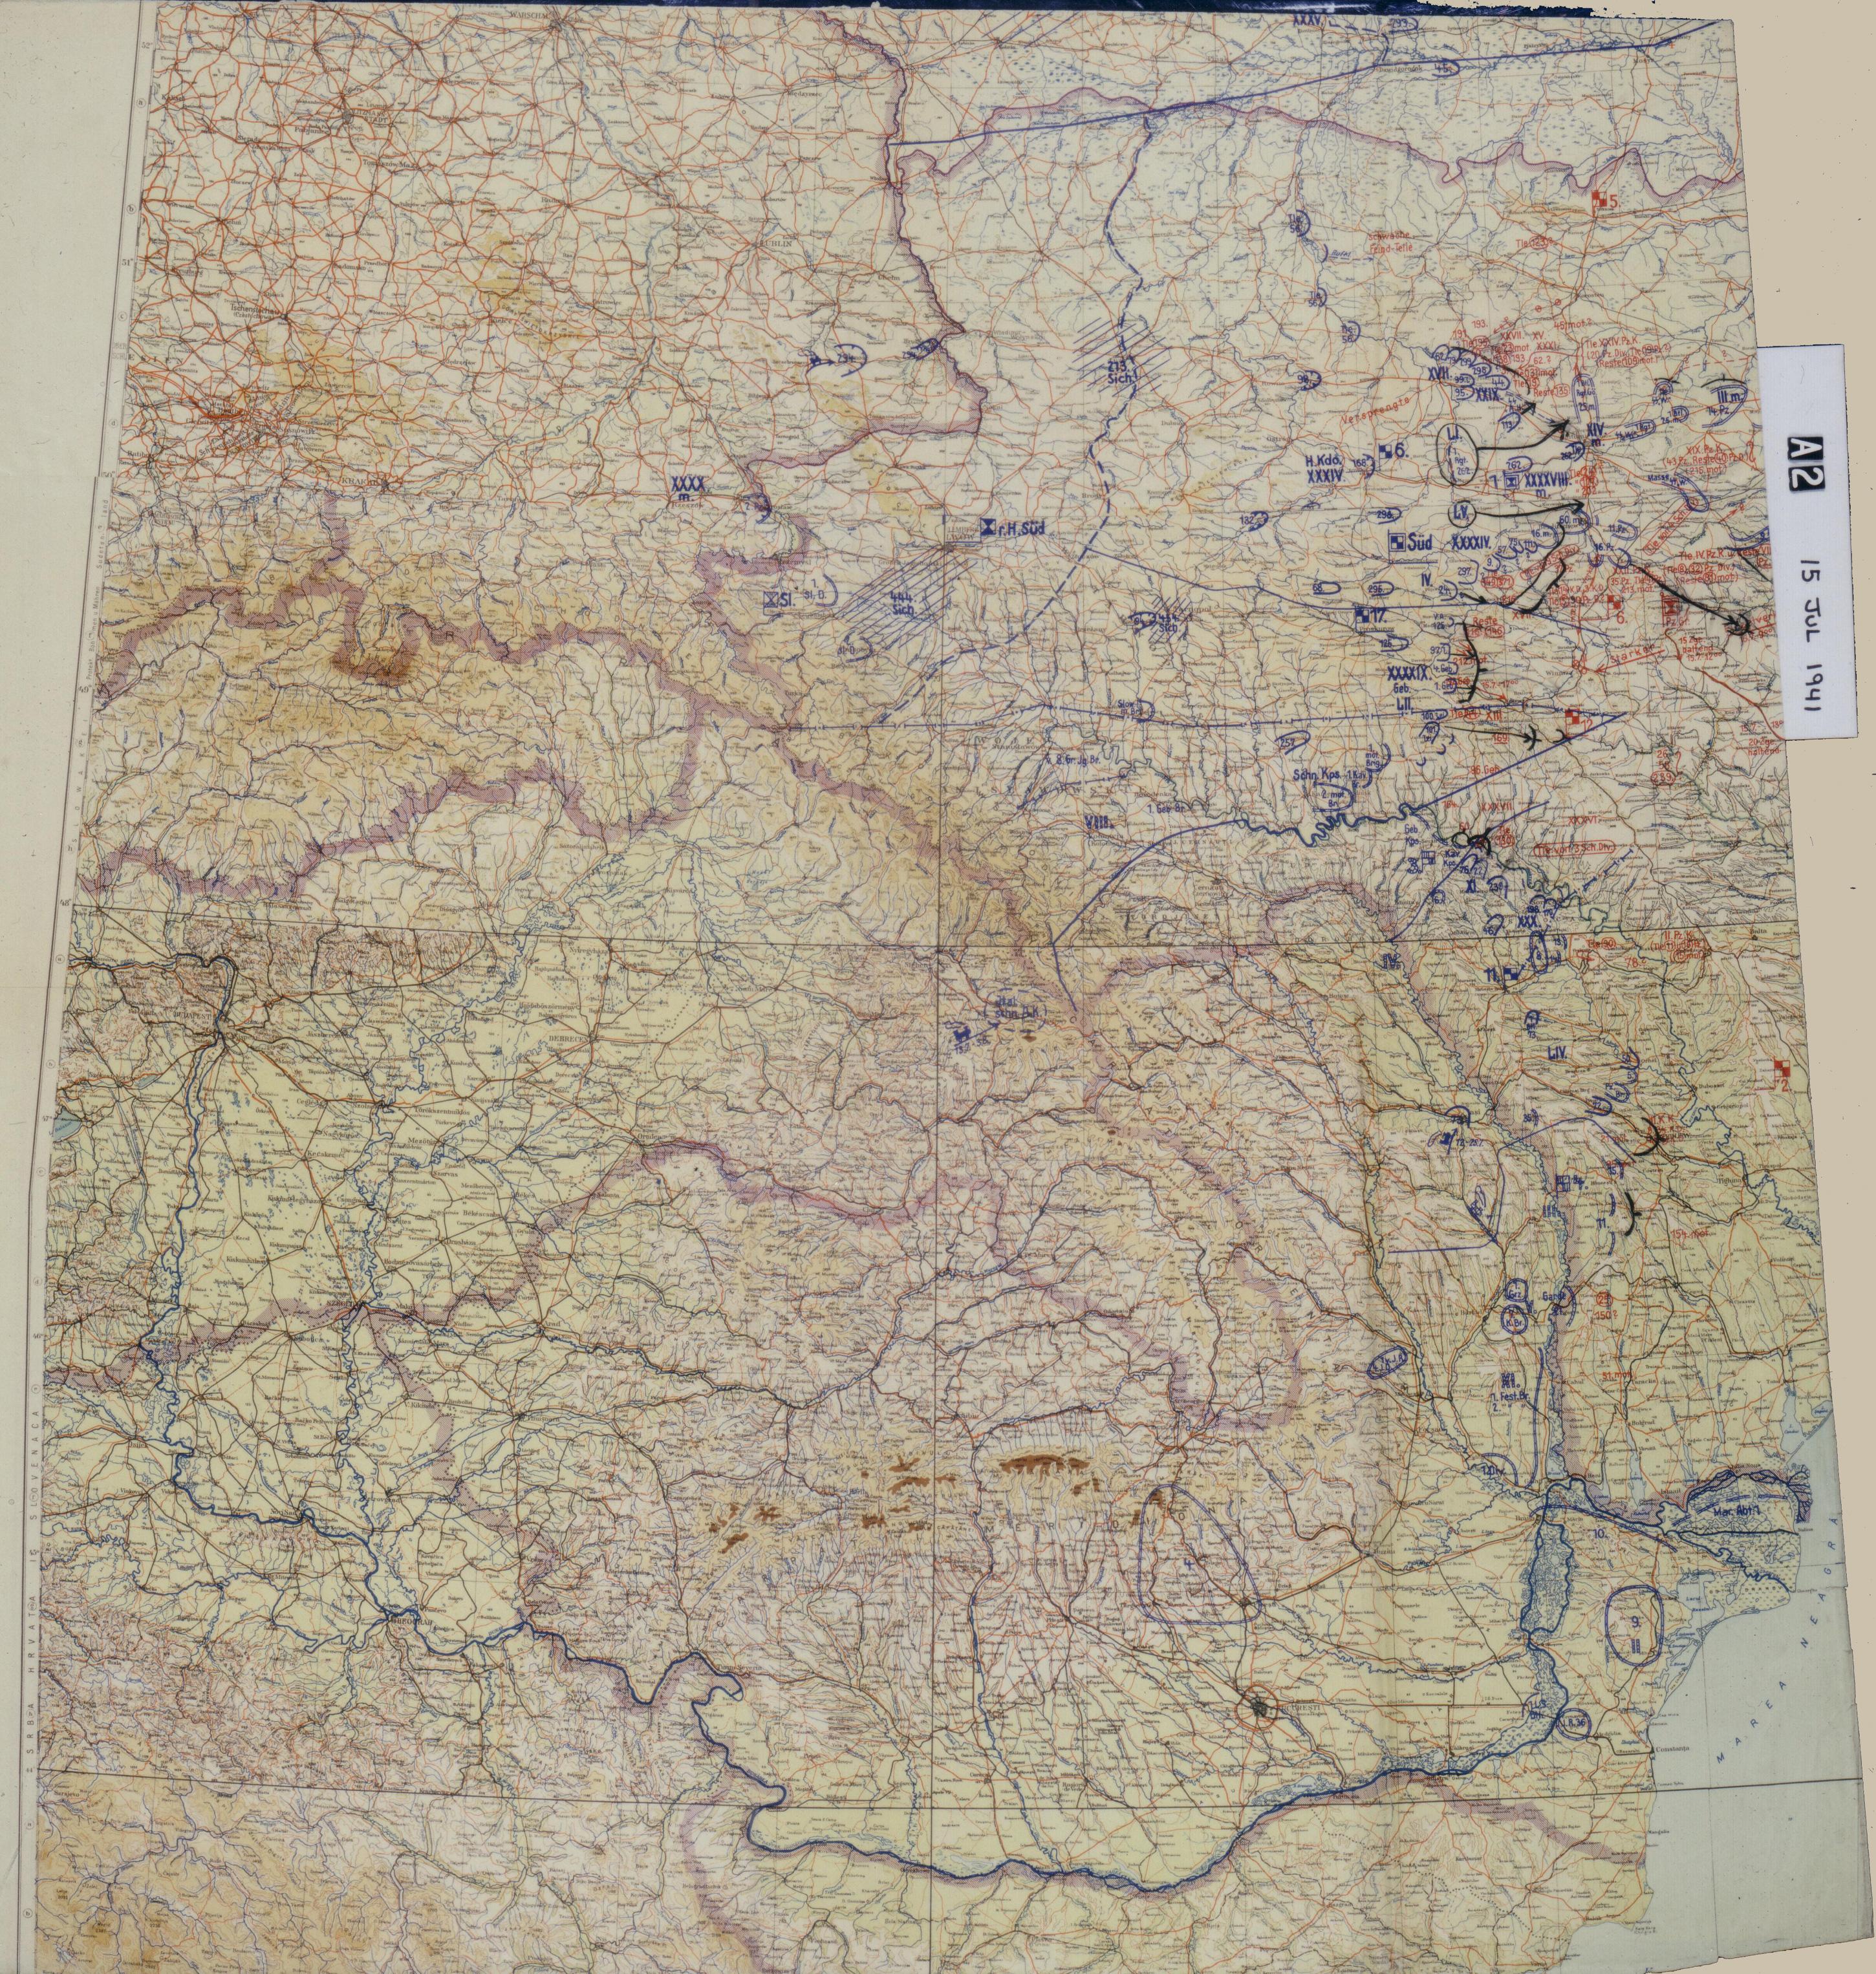 Карта немецкого генштаба. Общее положение на фронте 15 июля 1941 года.